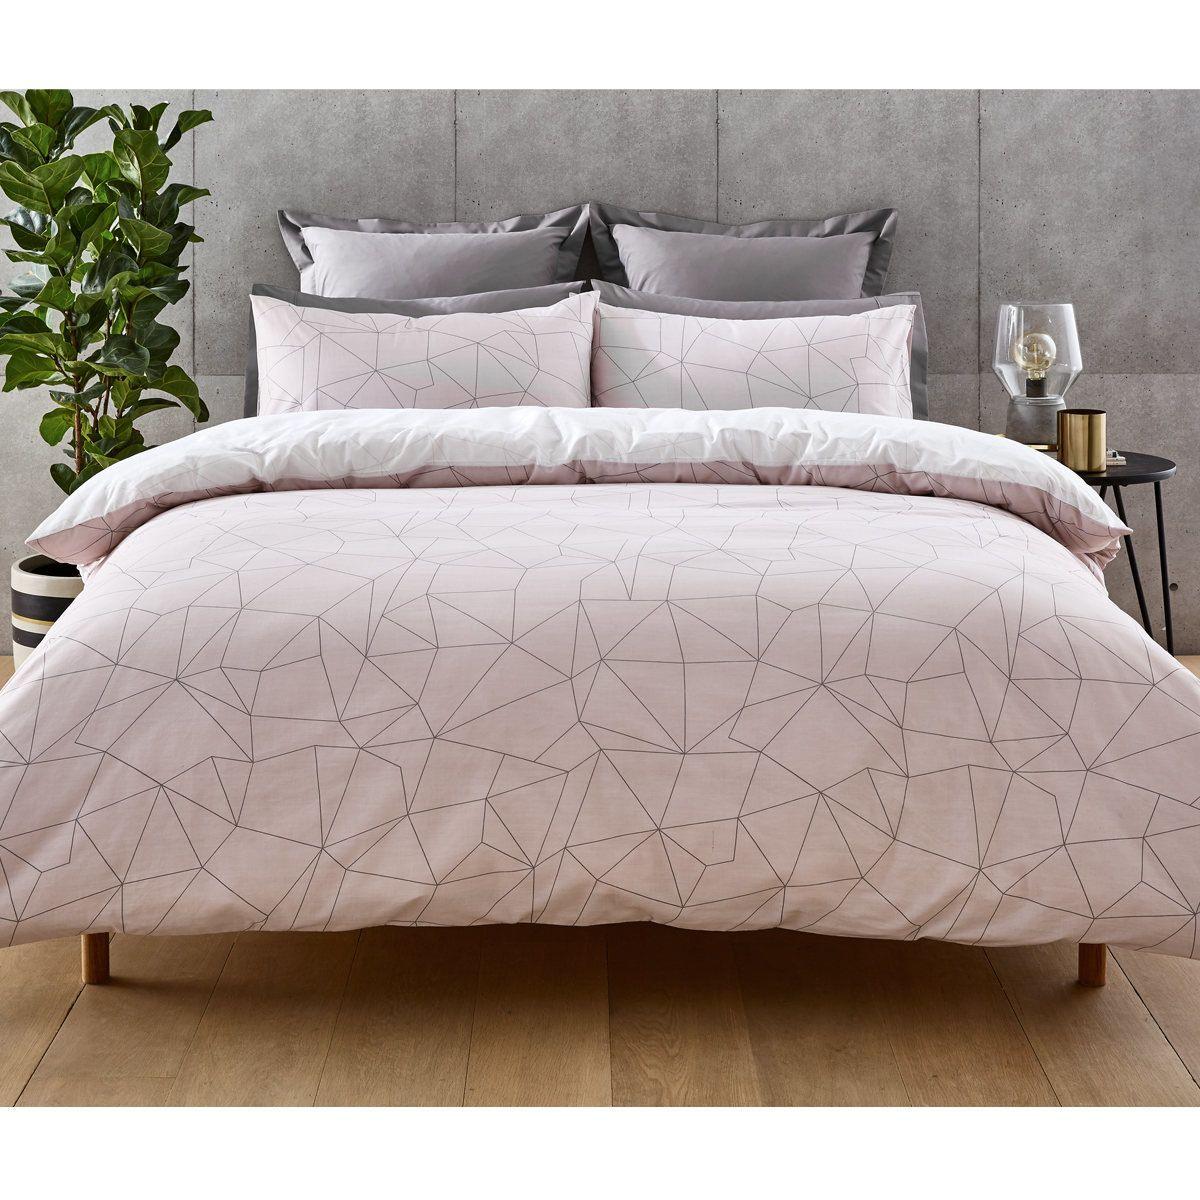 Cassius Quilt Cover Set Queen Bed Kmart Pink Bedroom Decor Queen Bedding Sets Quilt Cover Sets